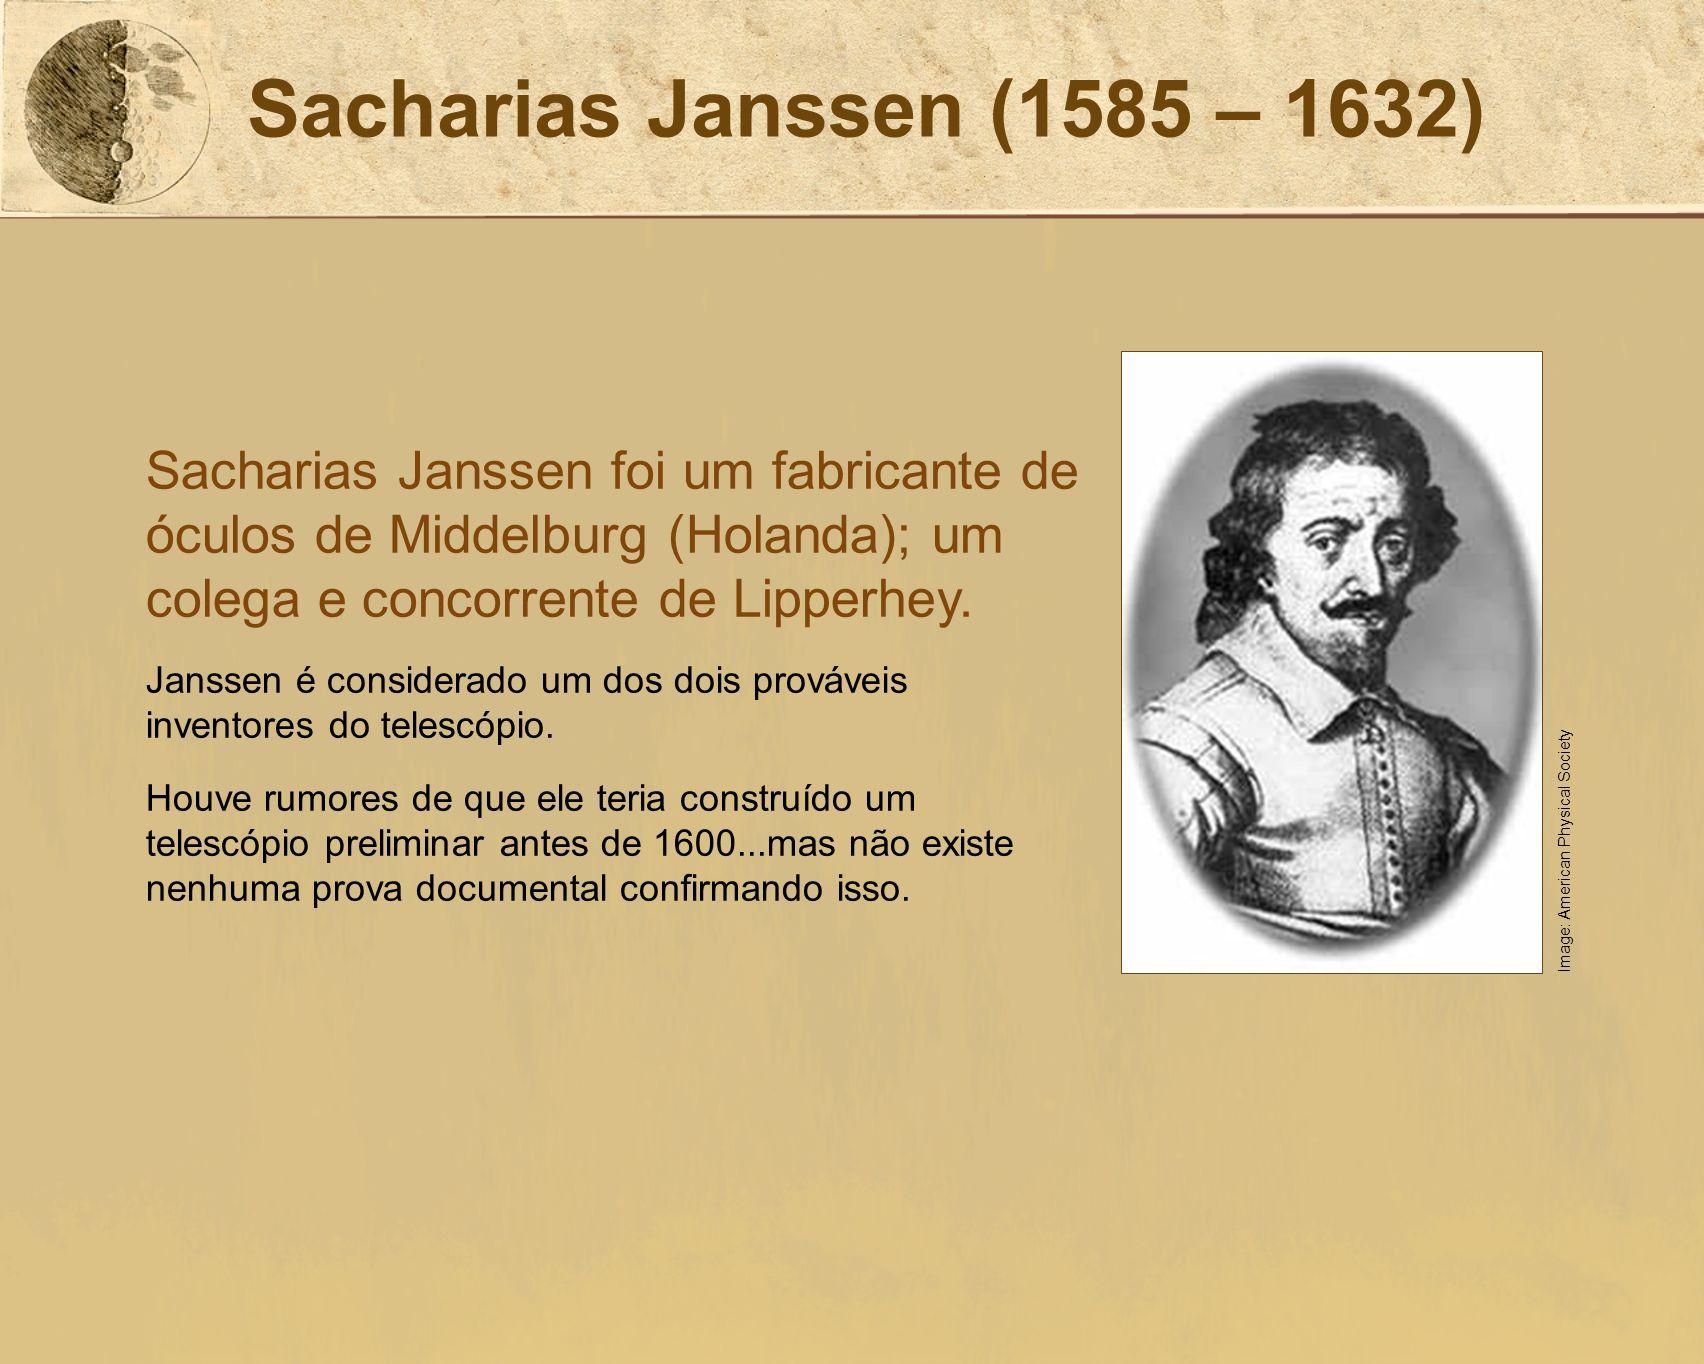 Sacharias Janssen (1585 – 1632) Sacharias Janssen foi um fabricante de óculos de Middelburg (Holanda); um colega e concorrente de Lipperhey.